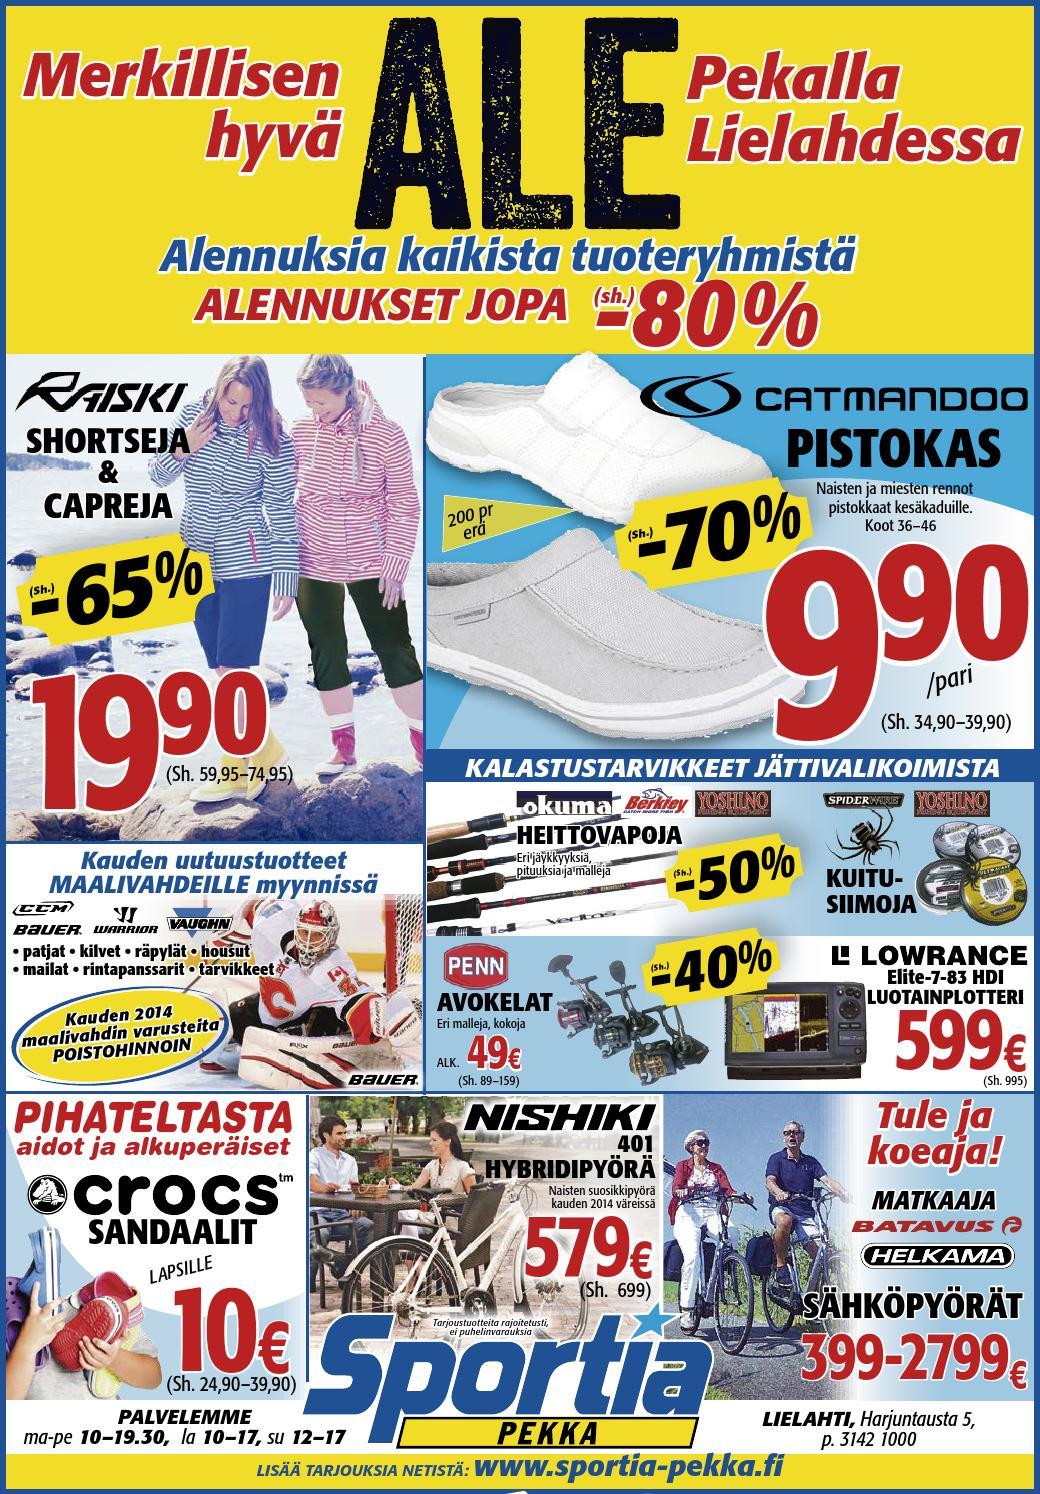 Spekka 2706 v3 by Sportia-Pekka Sportia-Pekka - Issuu